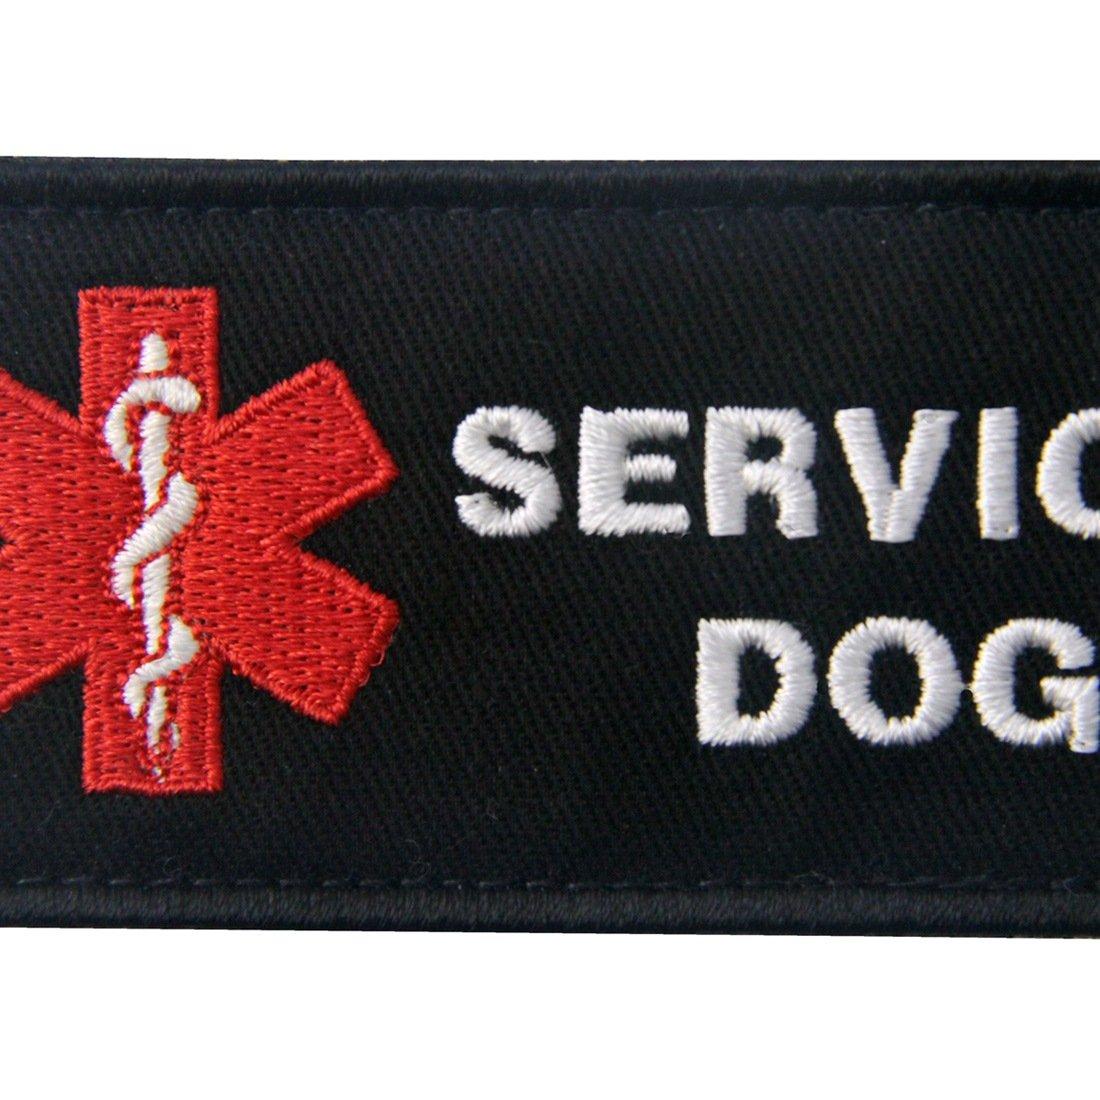 Service Dog If Handler is Down Vests//Harnesses Emblem Embroidered Fastener Hook /& Loop Patch